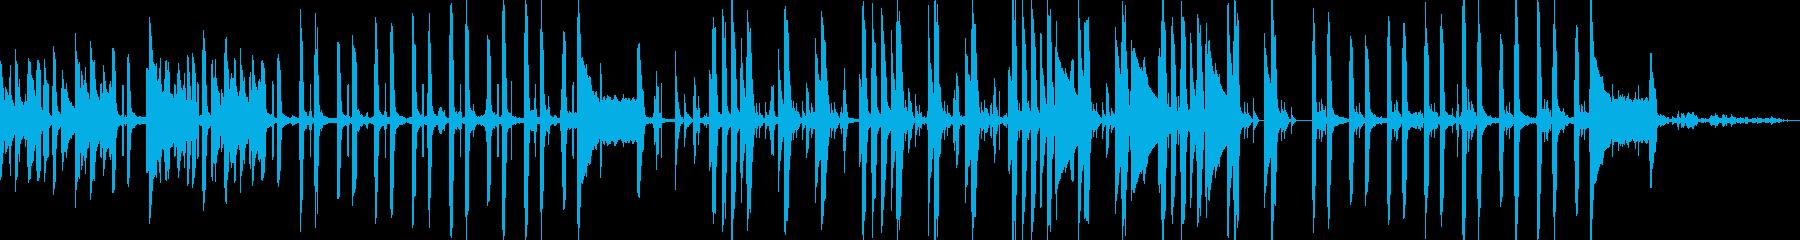 子どもの声とピアノ楽しげなミニマルBGMの再生済みの波形